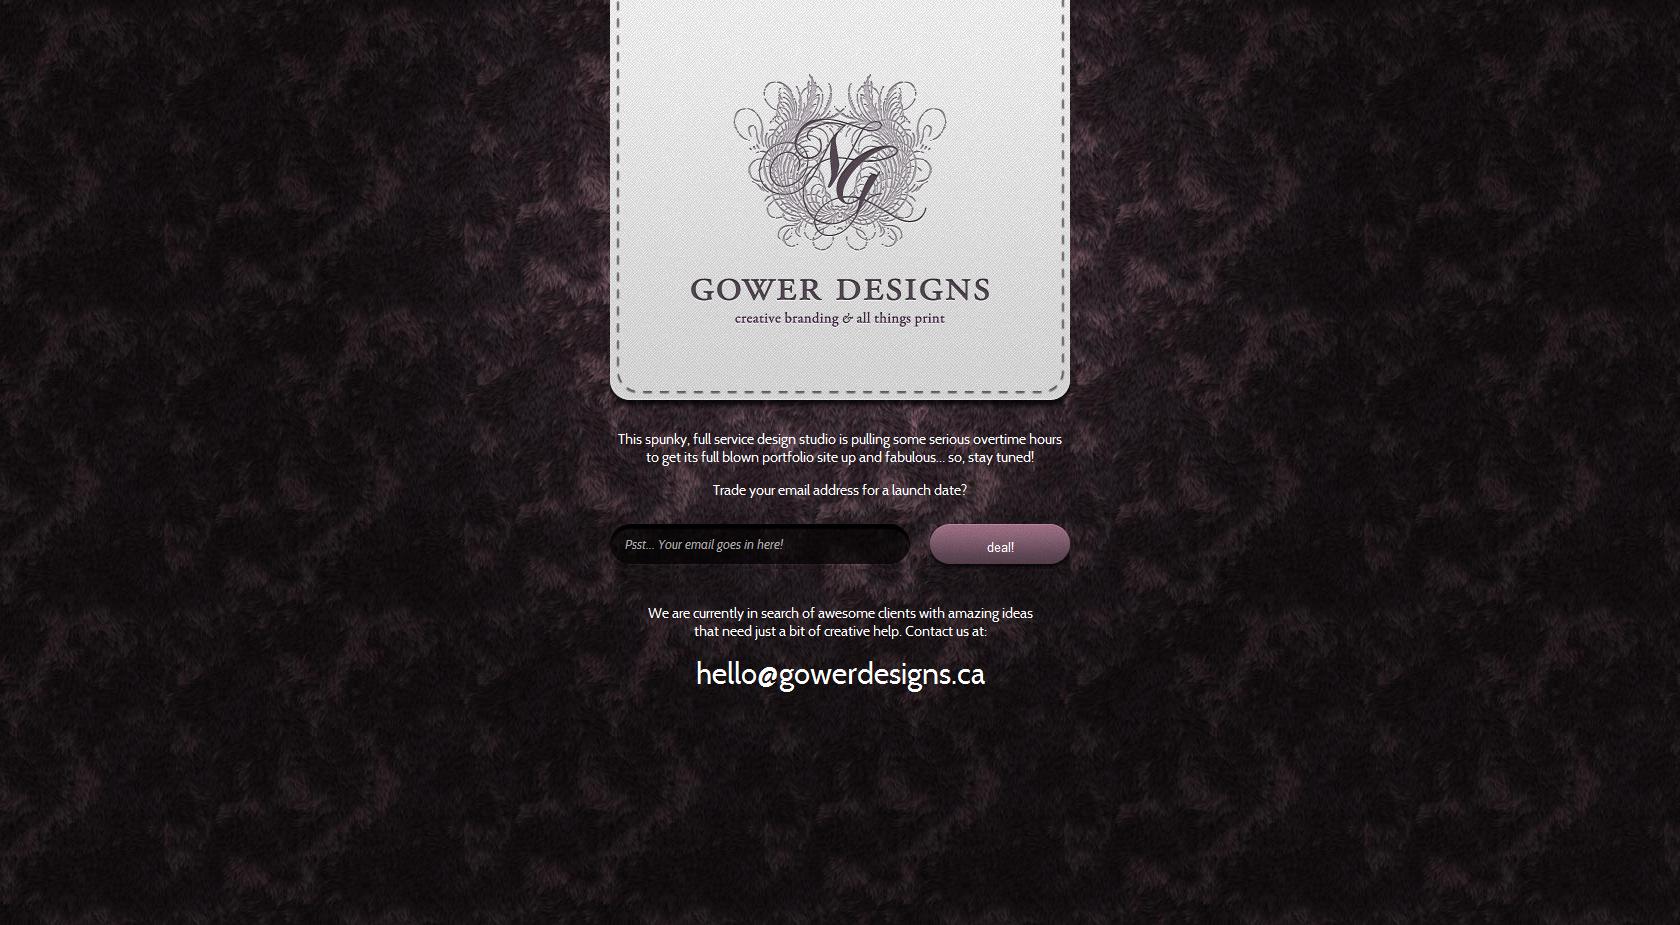 Gower Designs Website Screenshot